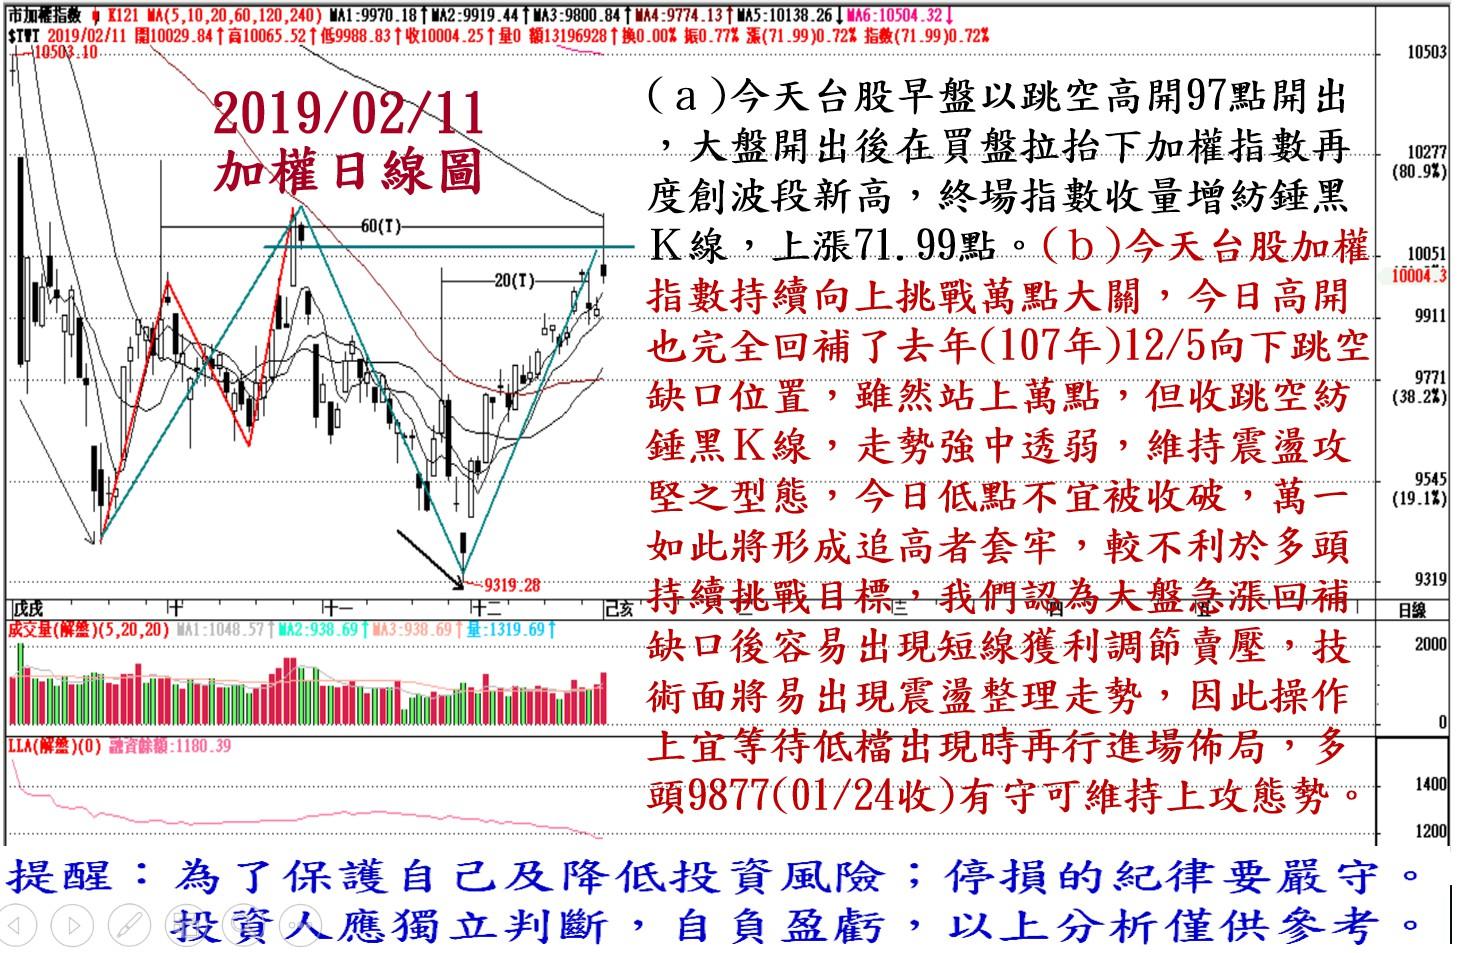 2019年2月11日台股大盤解析